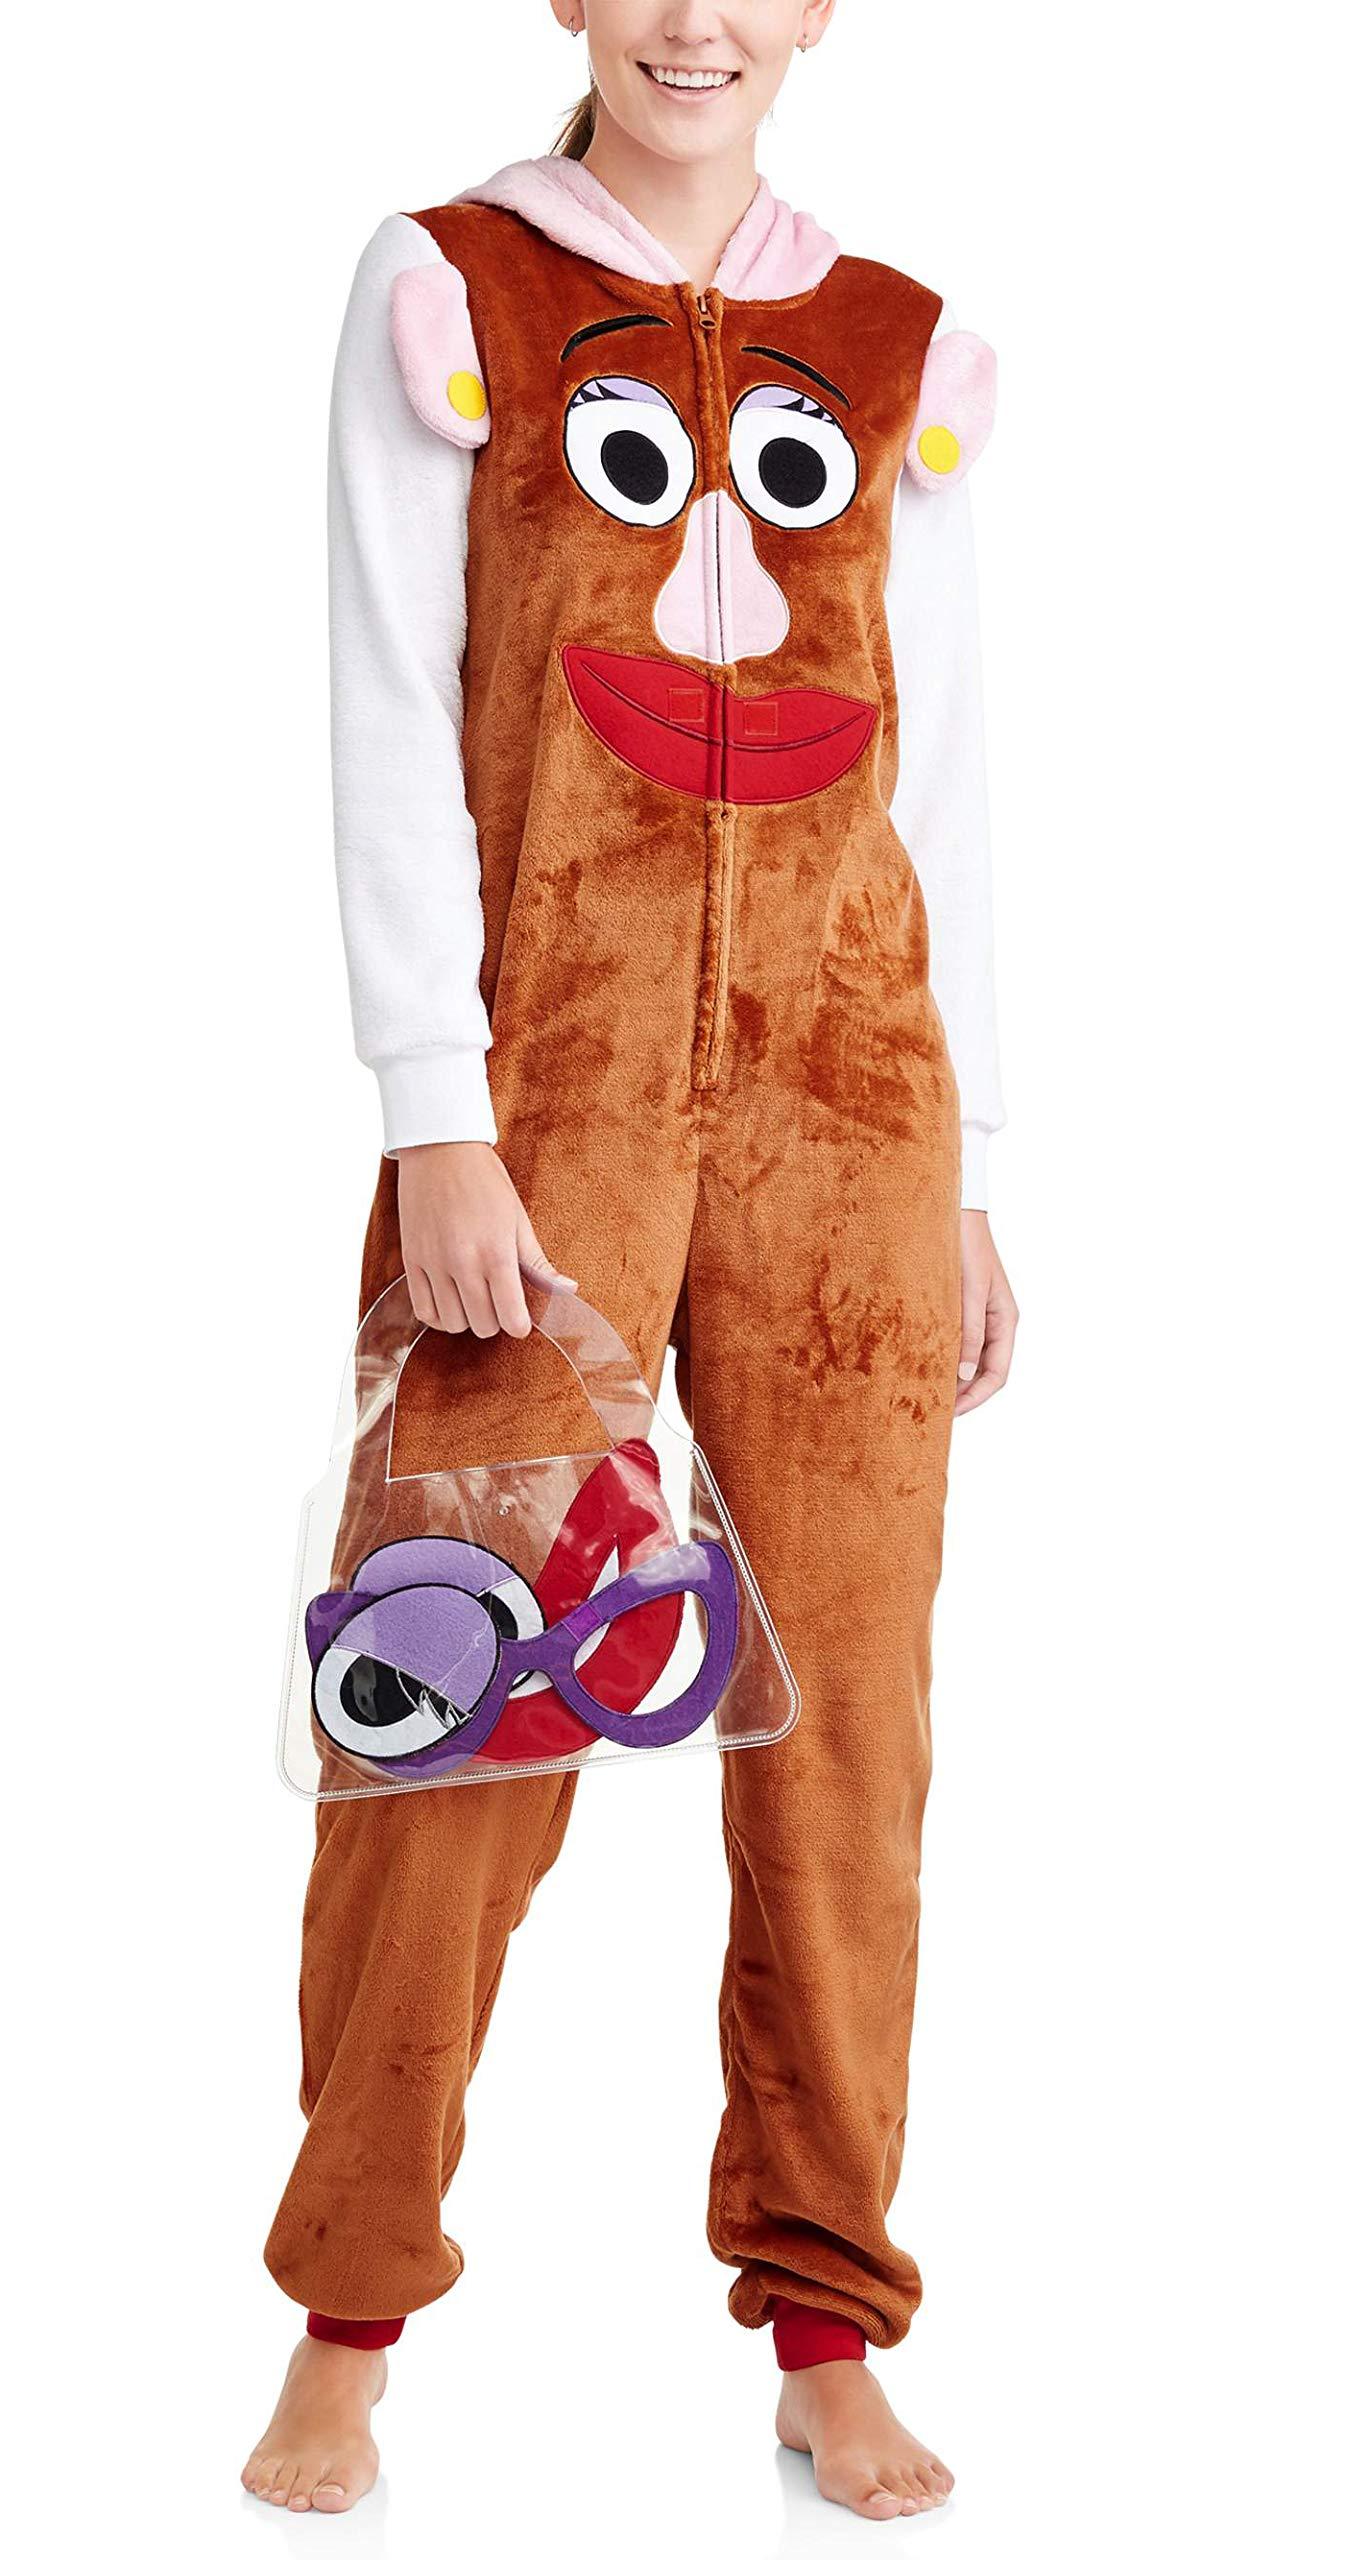 Disney Women's One Piece Pajama Set Union Suit Sleepwear (Medium, Mrs Potato Head) by Disney